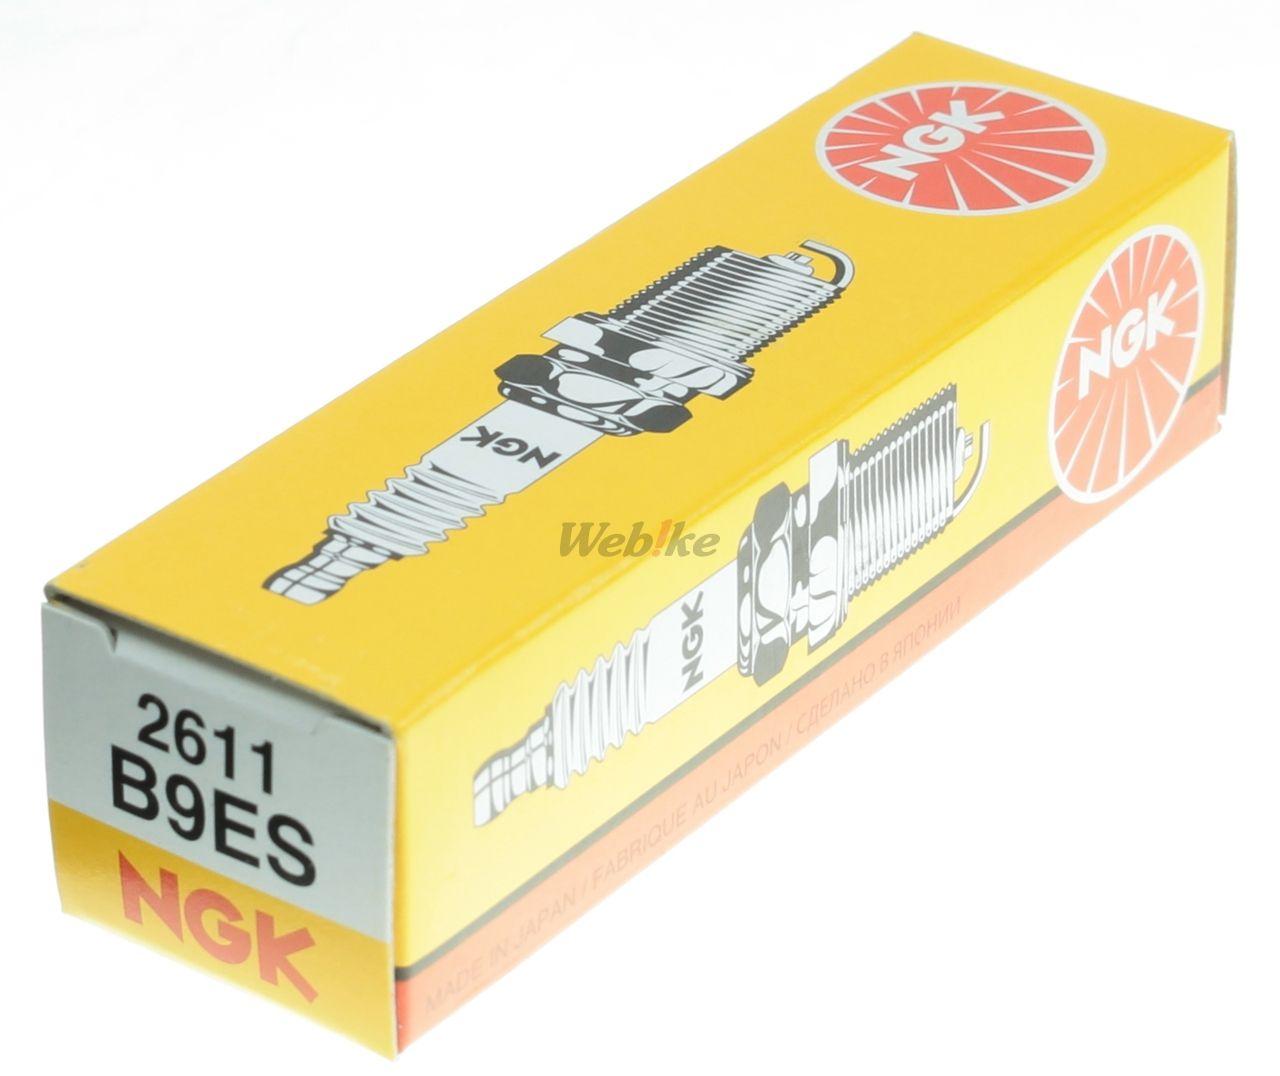 【NGK】標準型 火星塞 B9ES 2611 - 「Webike-摩托百貨」